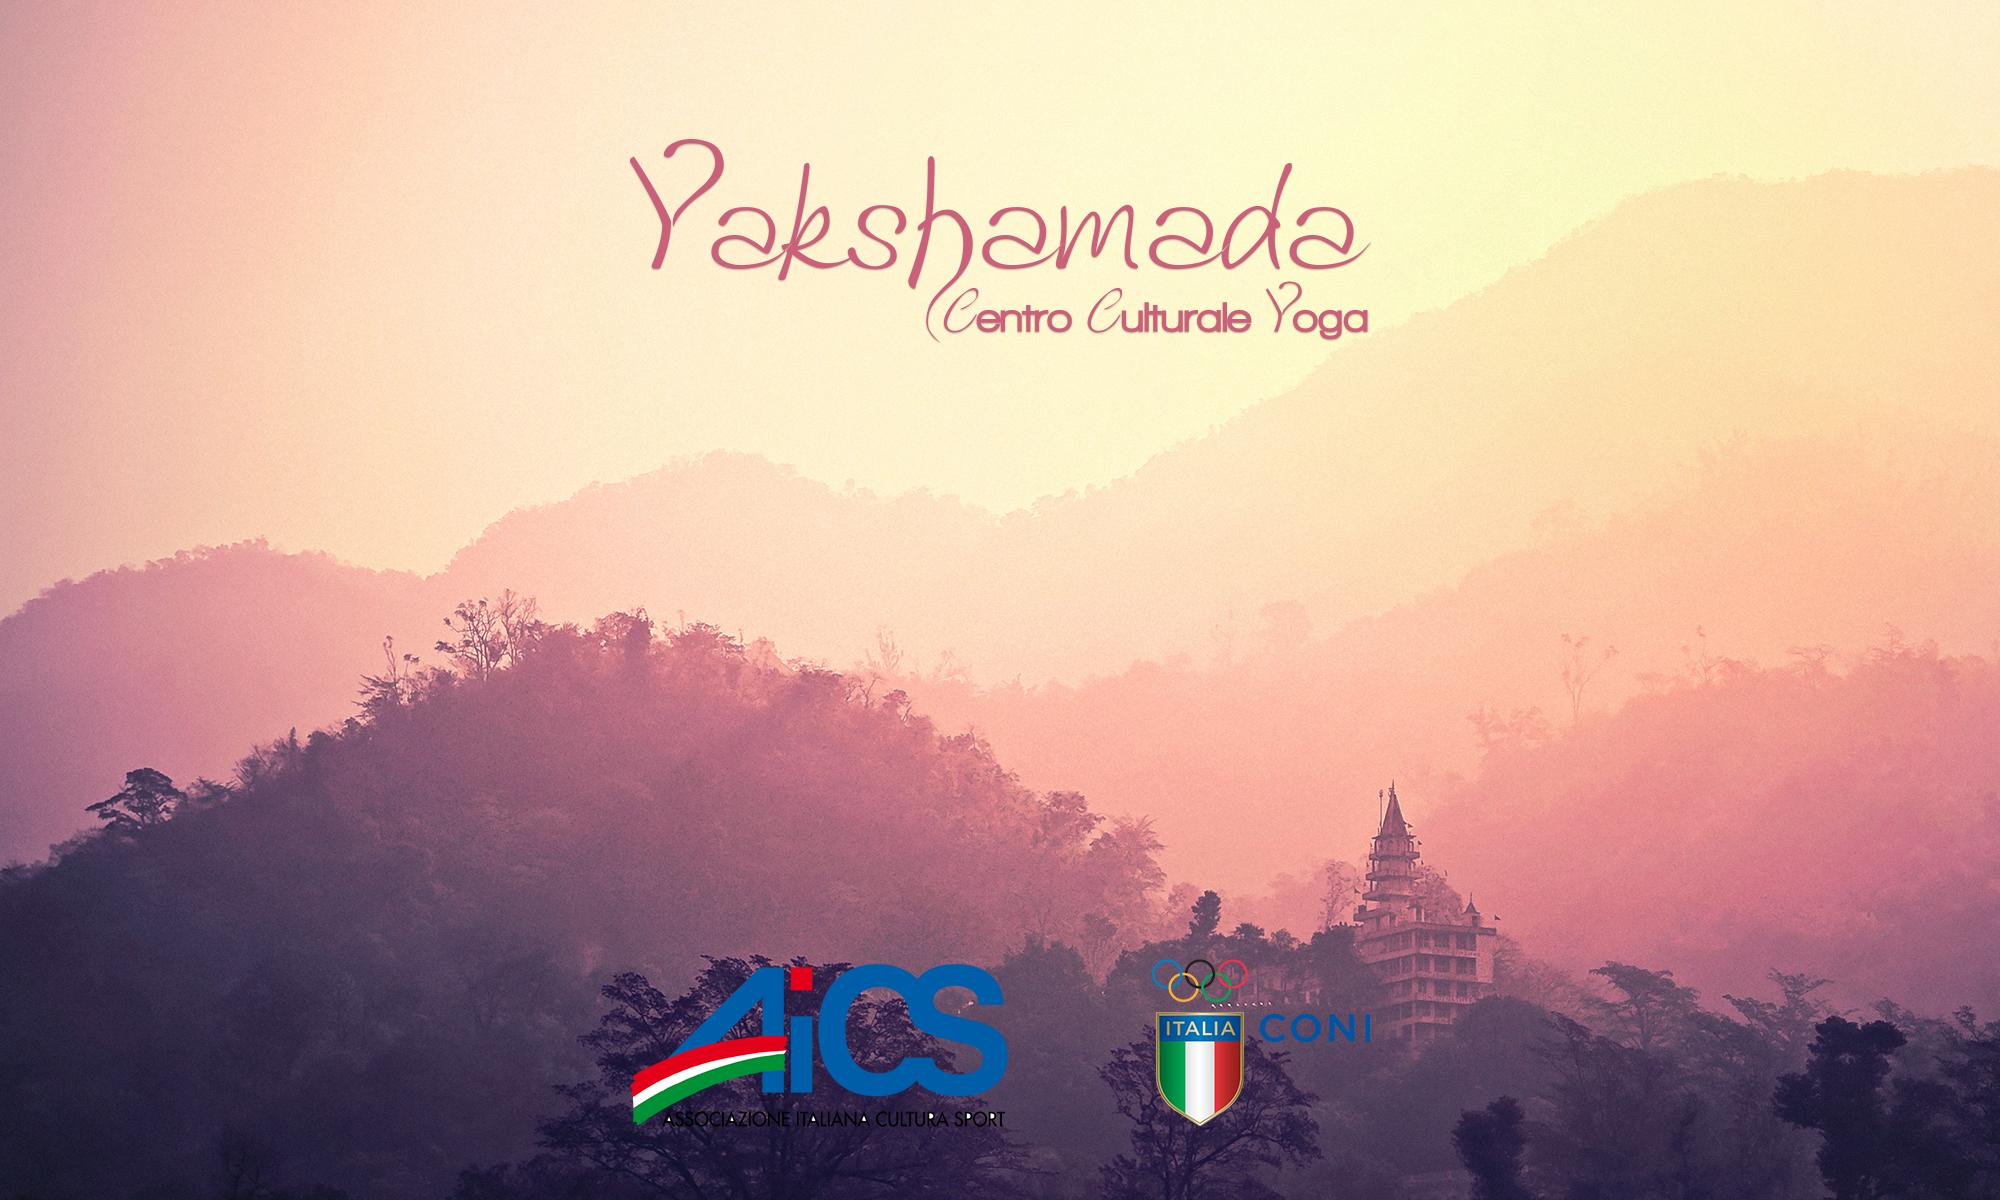 Centro Culturale Yoga Yakshamada